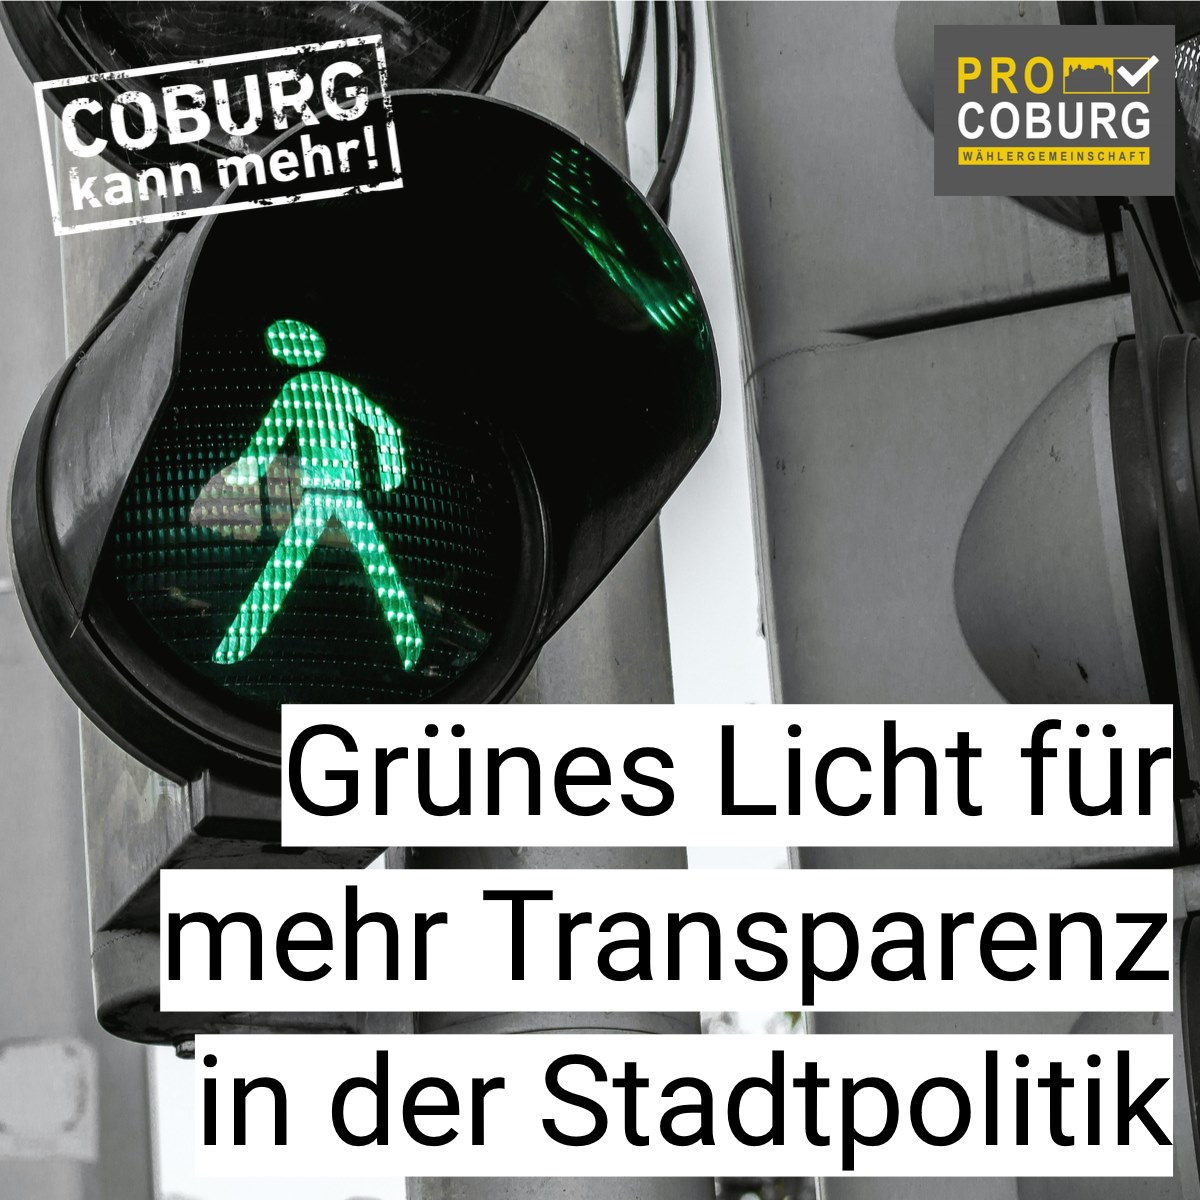 Coburg kann mehr Transparenz